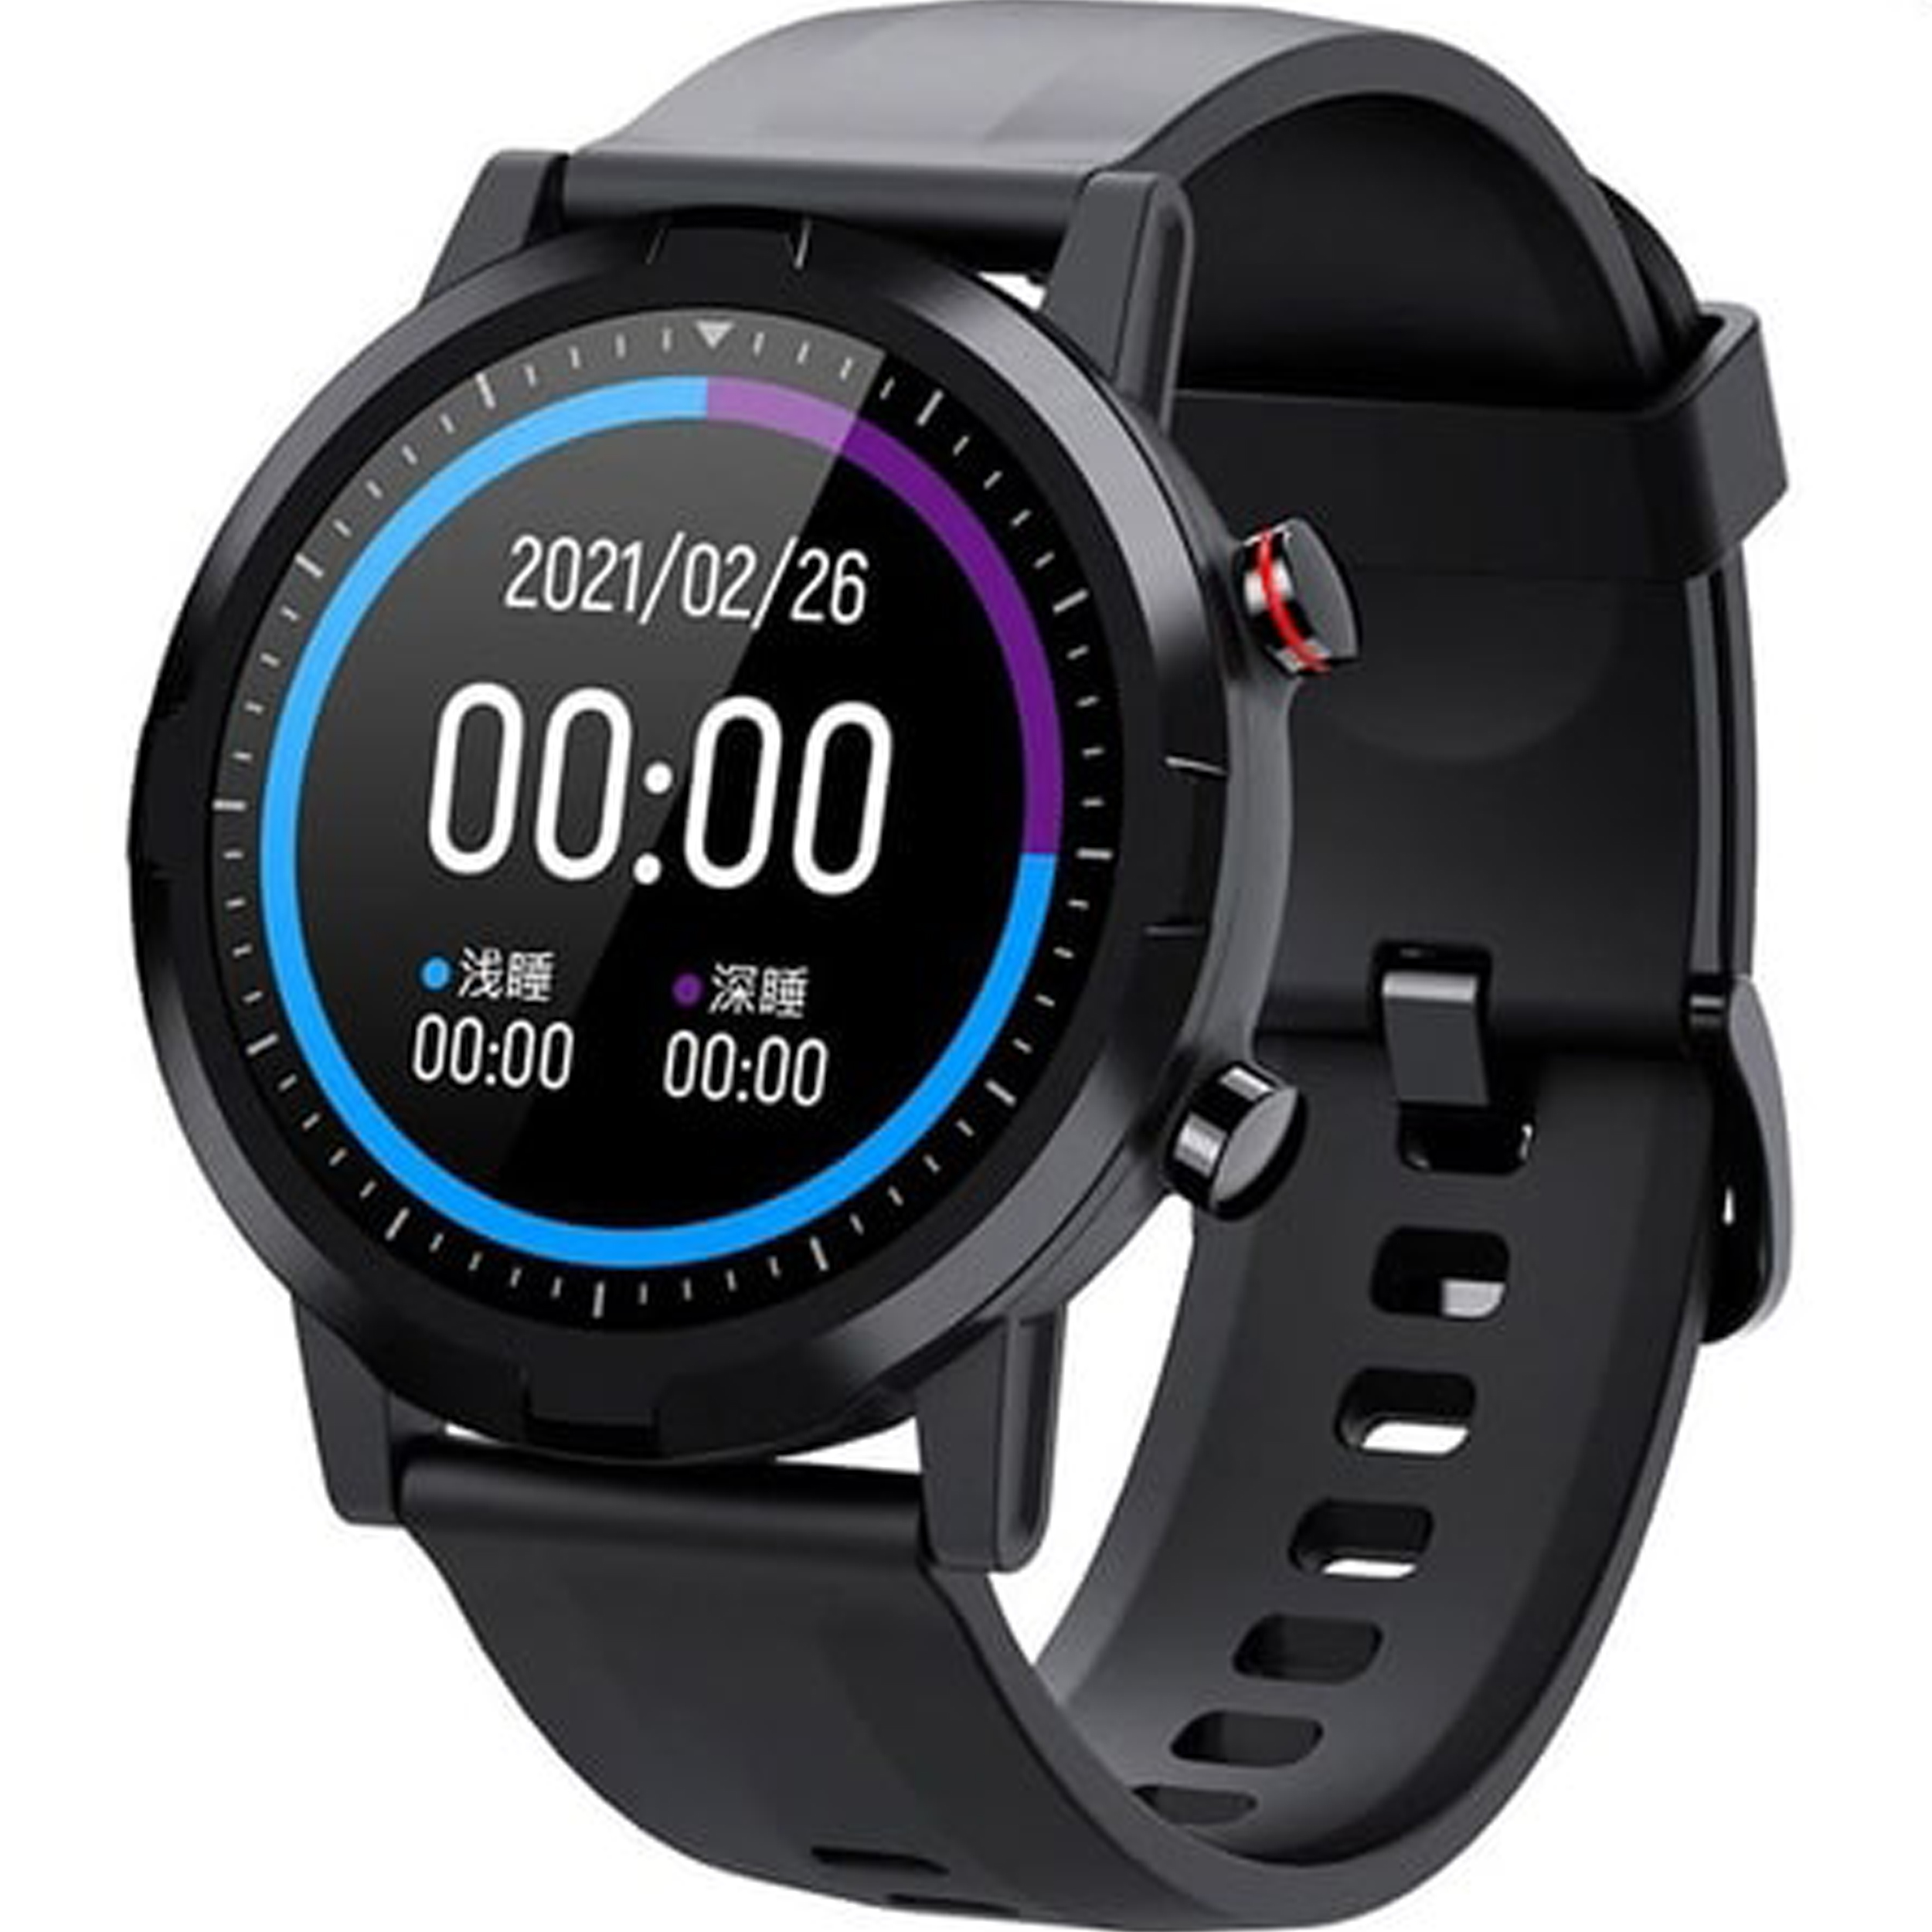 فروش نقدی و اقساطی ساعت هوشمند هایلو مدل RT LS05S